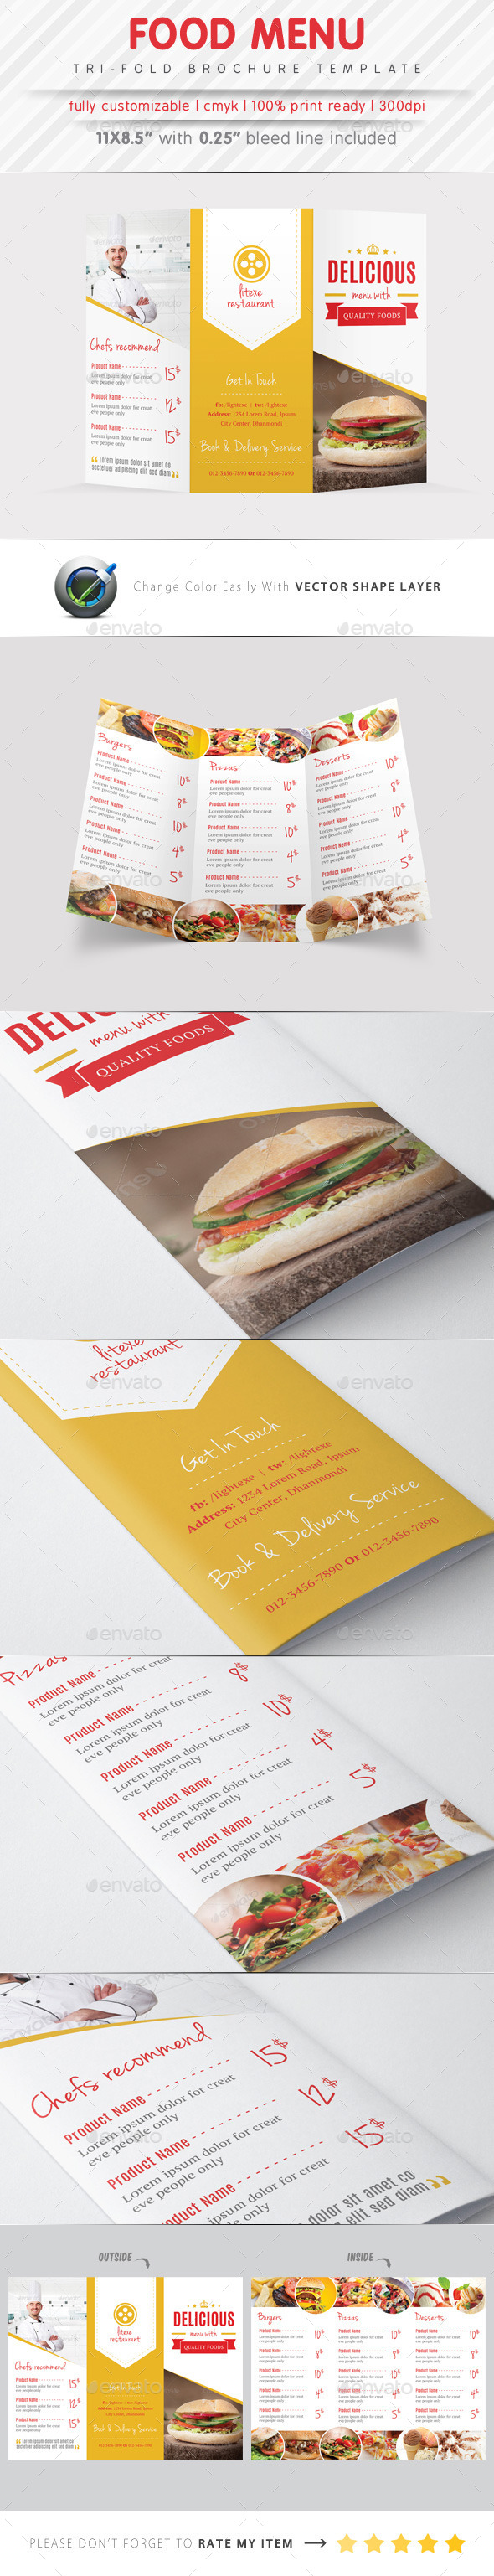 food menu tri fold brochure graphicriver. Black Bedroom Furniture Sets. Home Design Ideas